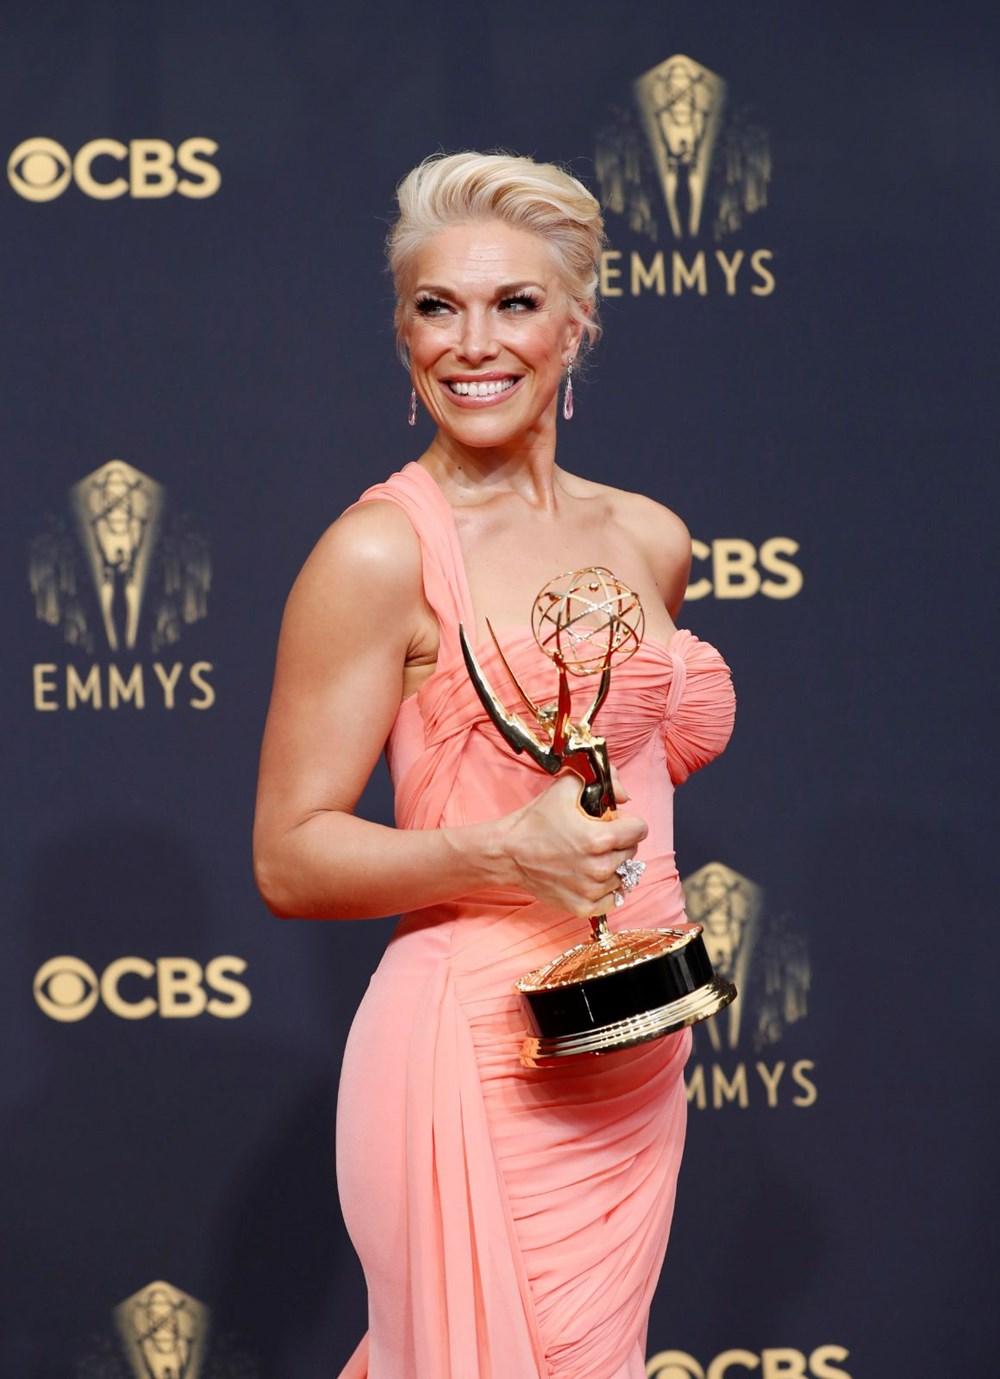 2021 Emmy Ödülleri'nin sahipleri belli oldu (73. Emmy Ödülleri'ni kazananlar) - 13